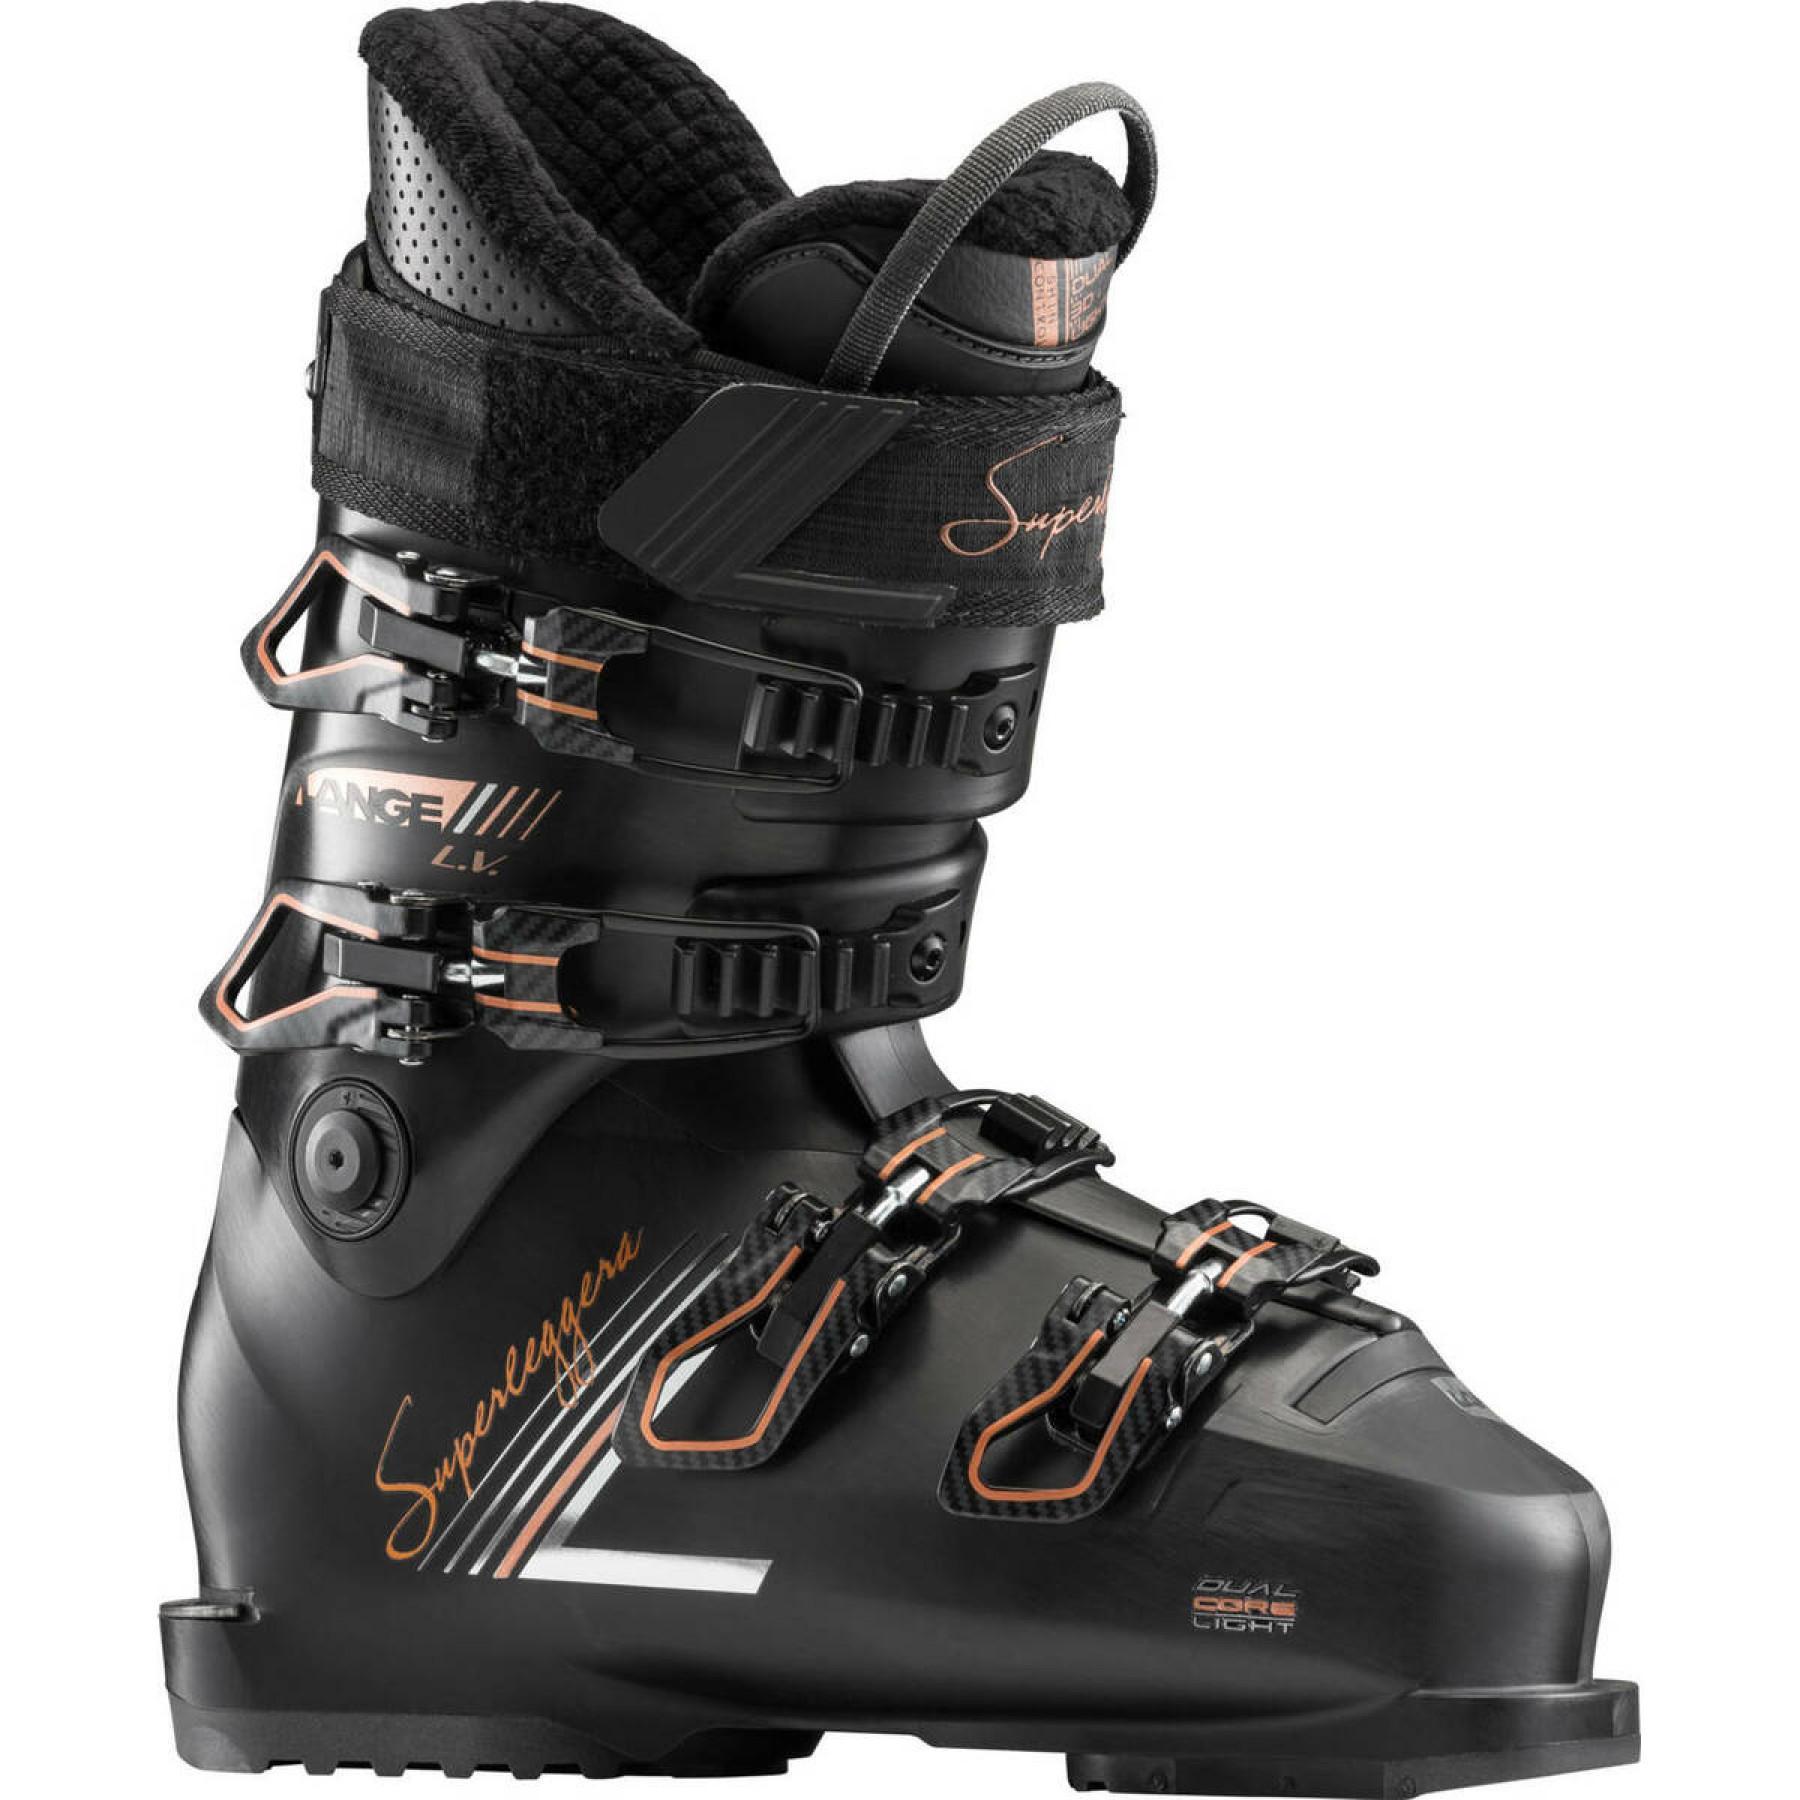 Women's ski boots Lange rx superleggera lv